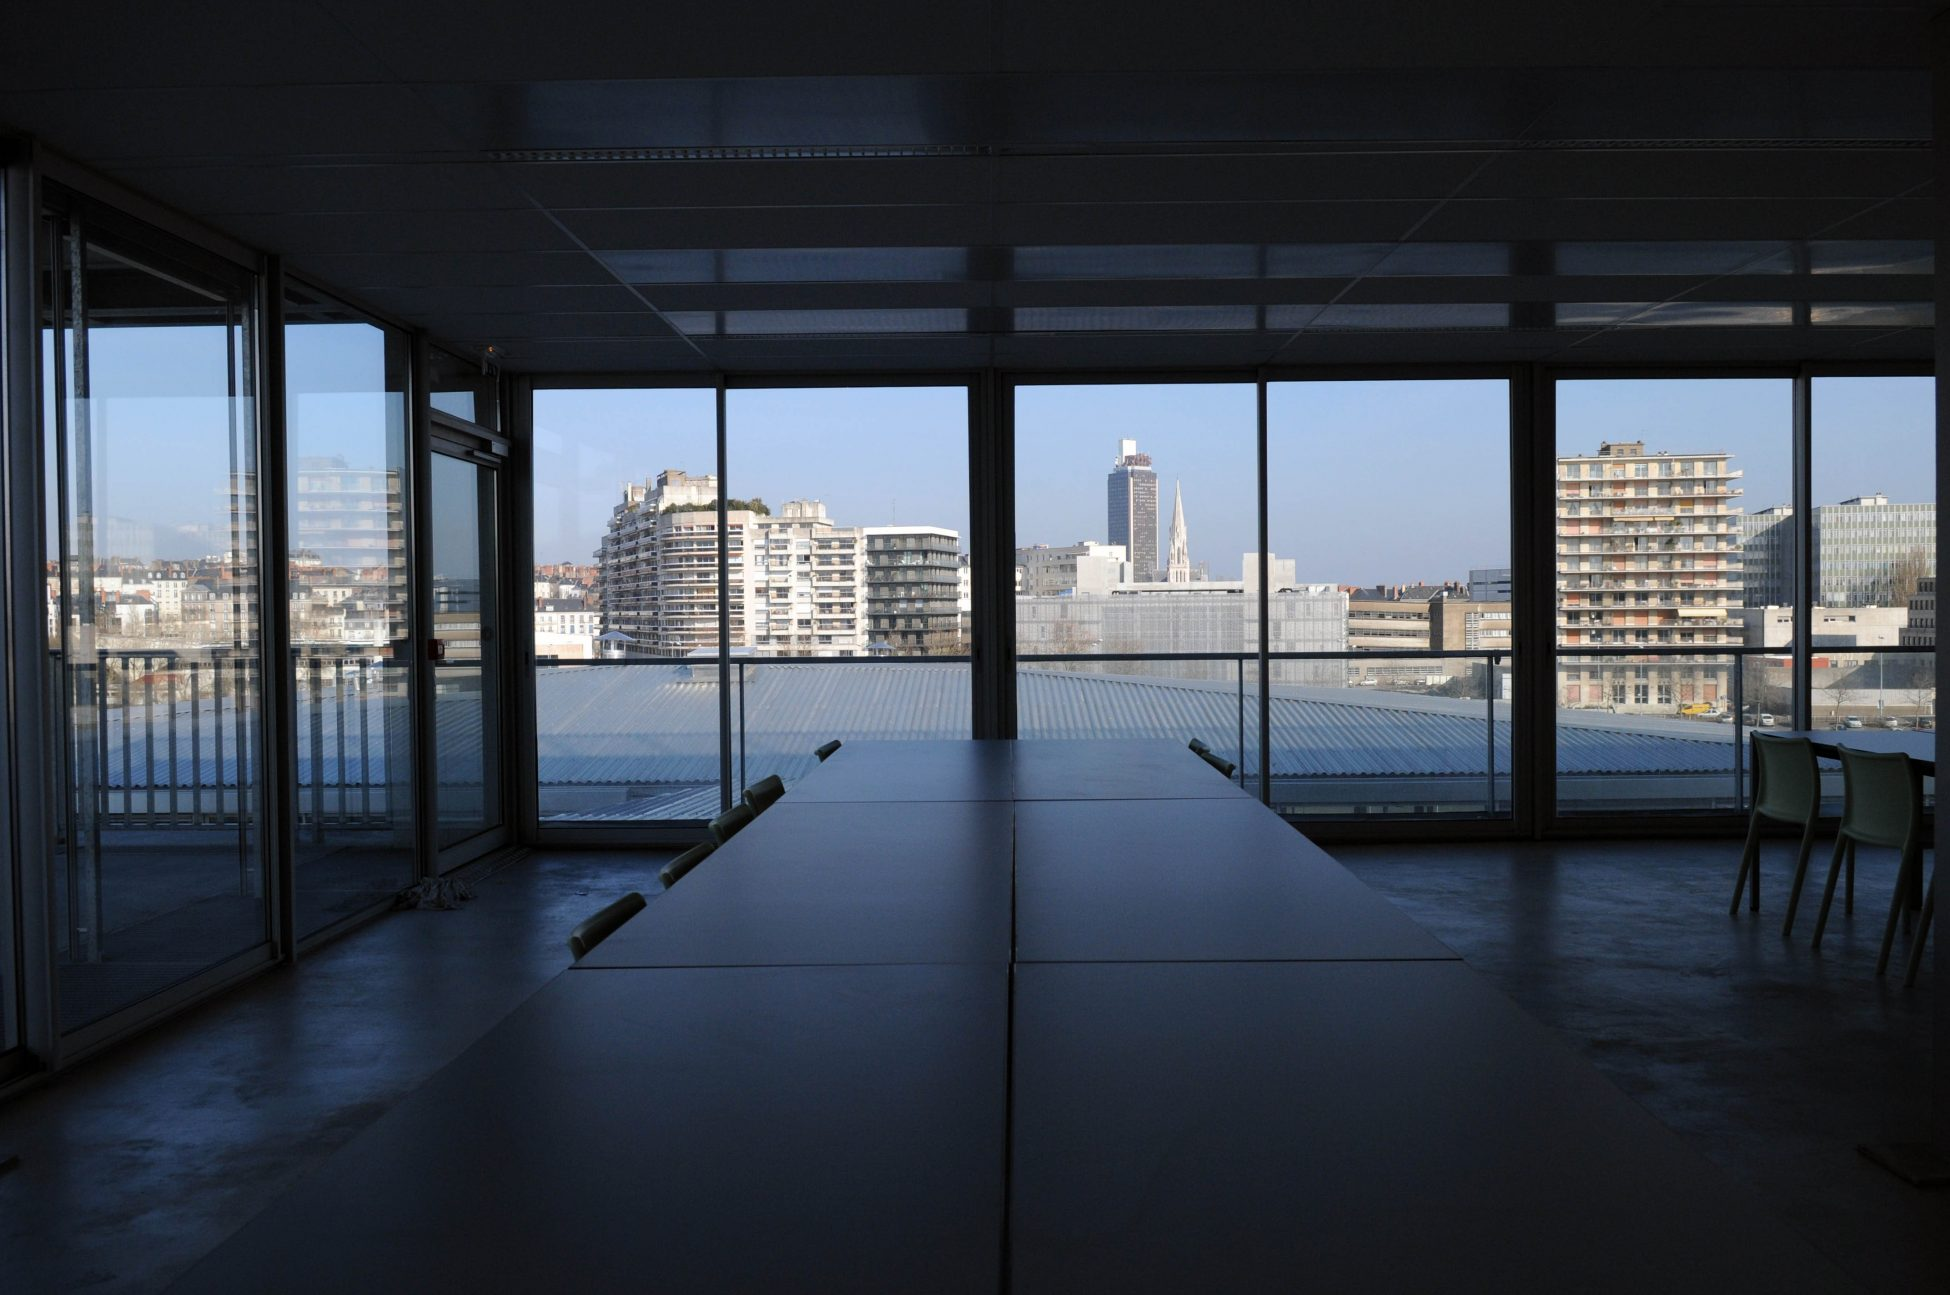 S01 02.09 JAC 326 scaled - Les architectes Anne Lacaton et Jean-Philippe Vassal reçoivent le Prix Pritzker 2021